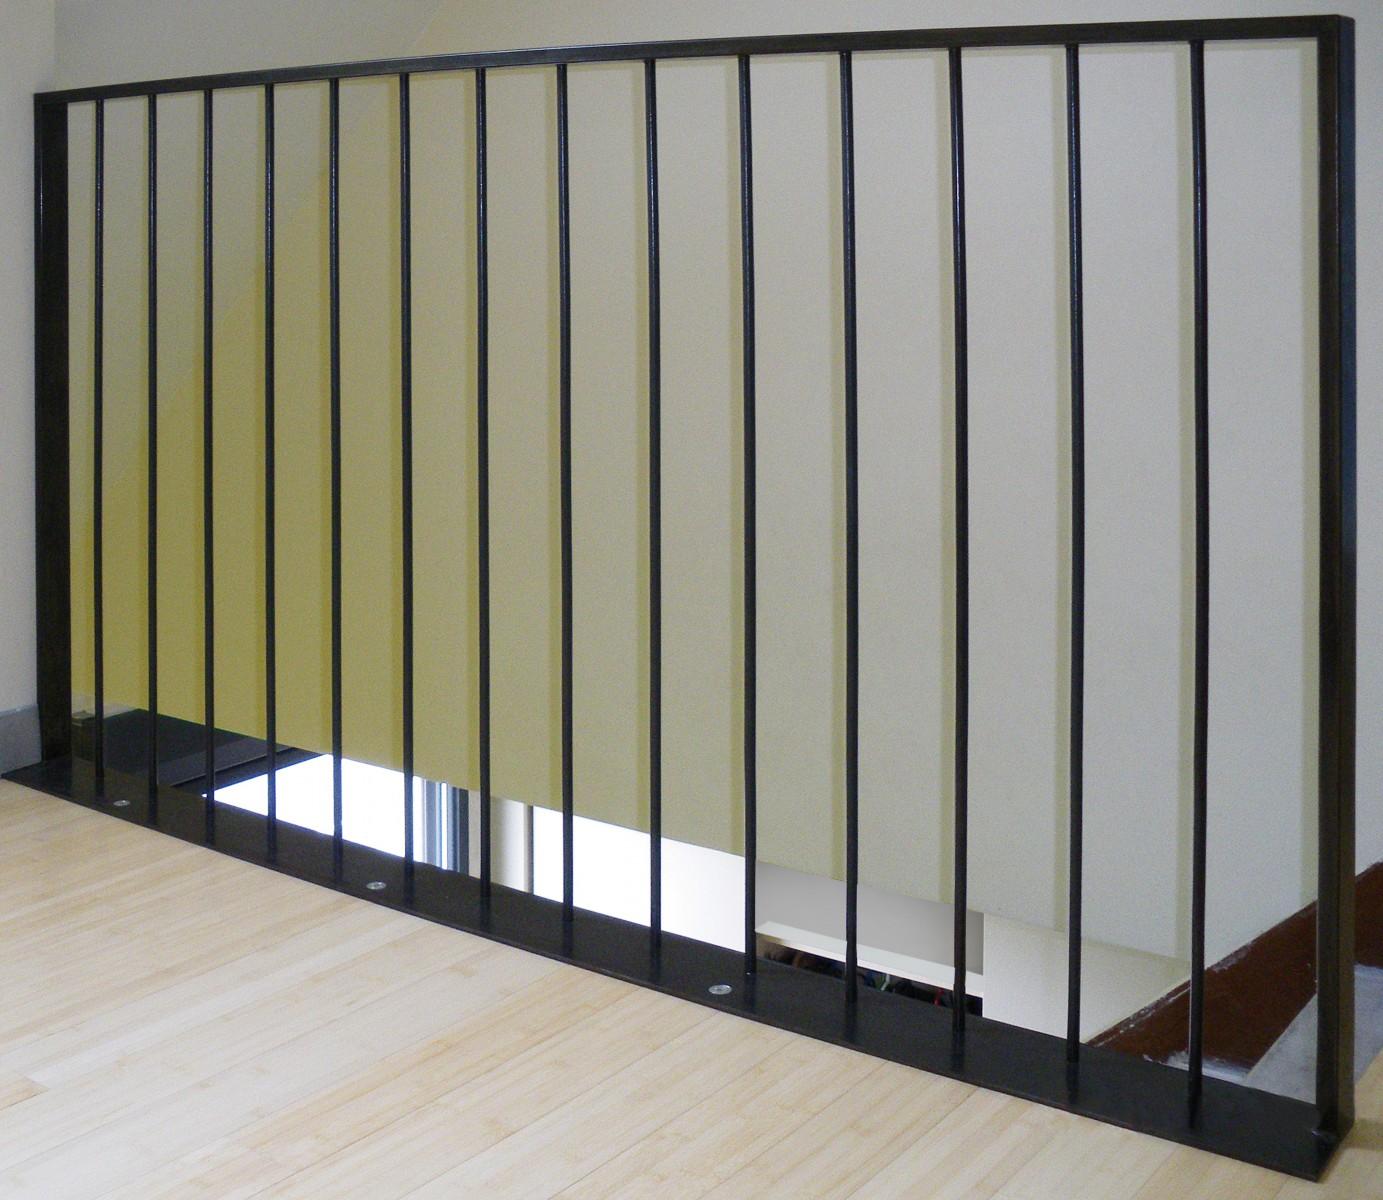 garde corps barreaudage. Black Bedroom Furniture Sets. Home Design Ideas